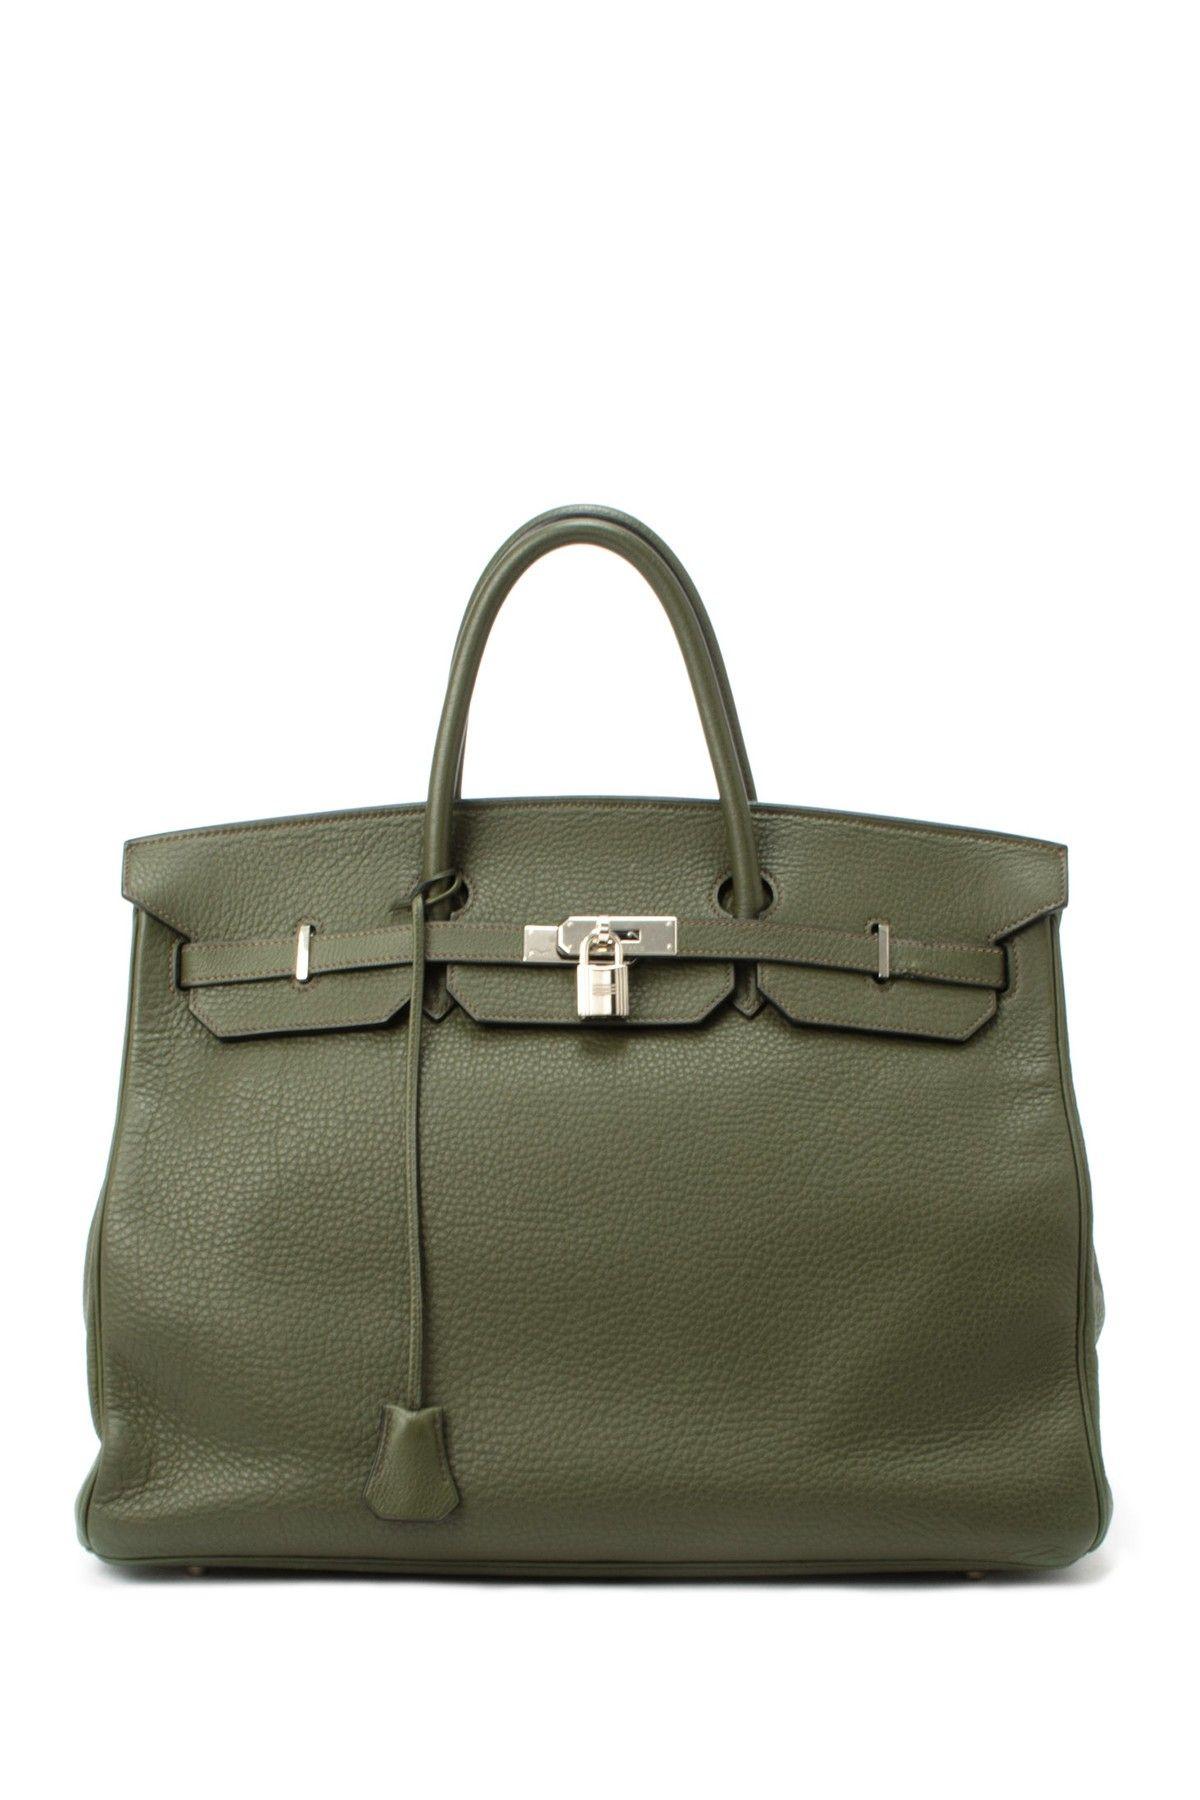 Vintage Hermes Leather Birkin Vintage Louis Vuitton, Sacs À Main Vintage,  Birkin, Femme 06f1cff92a9